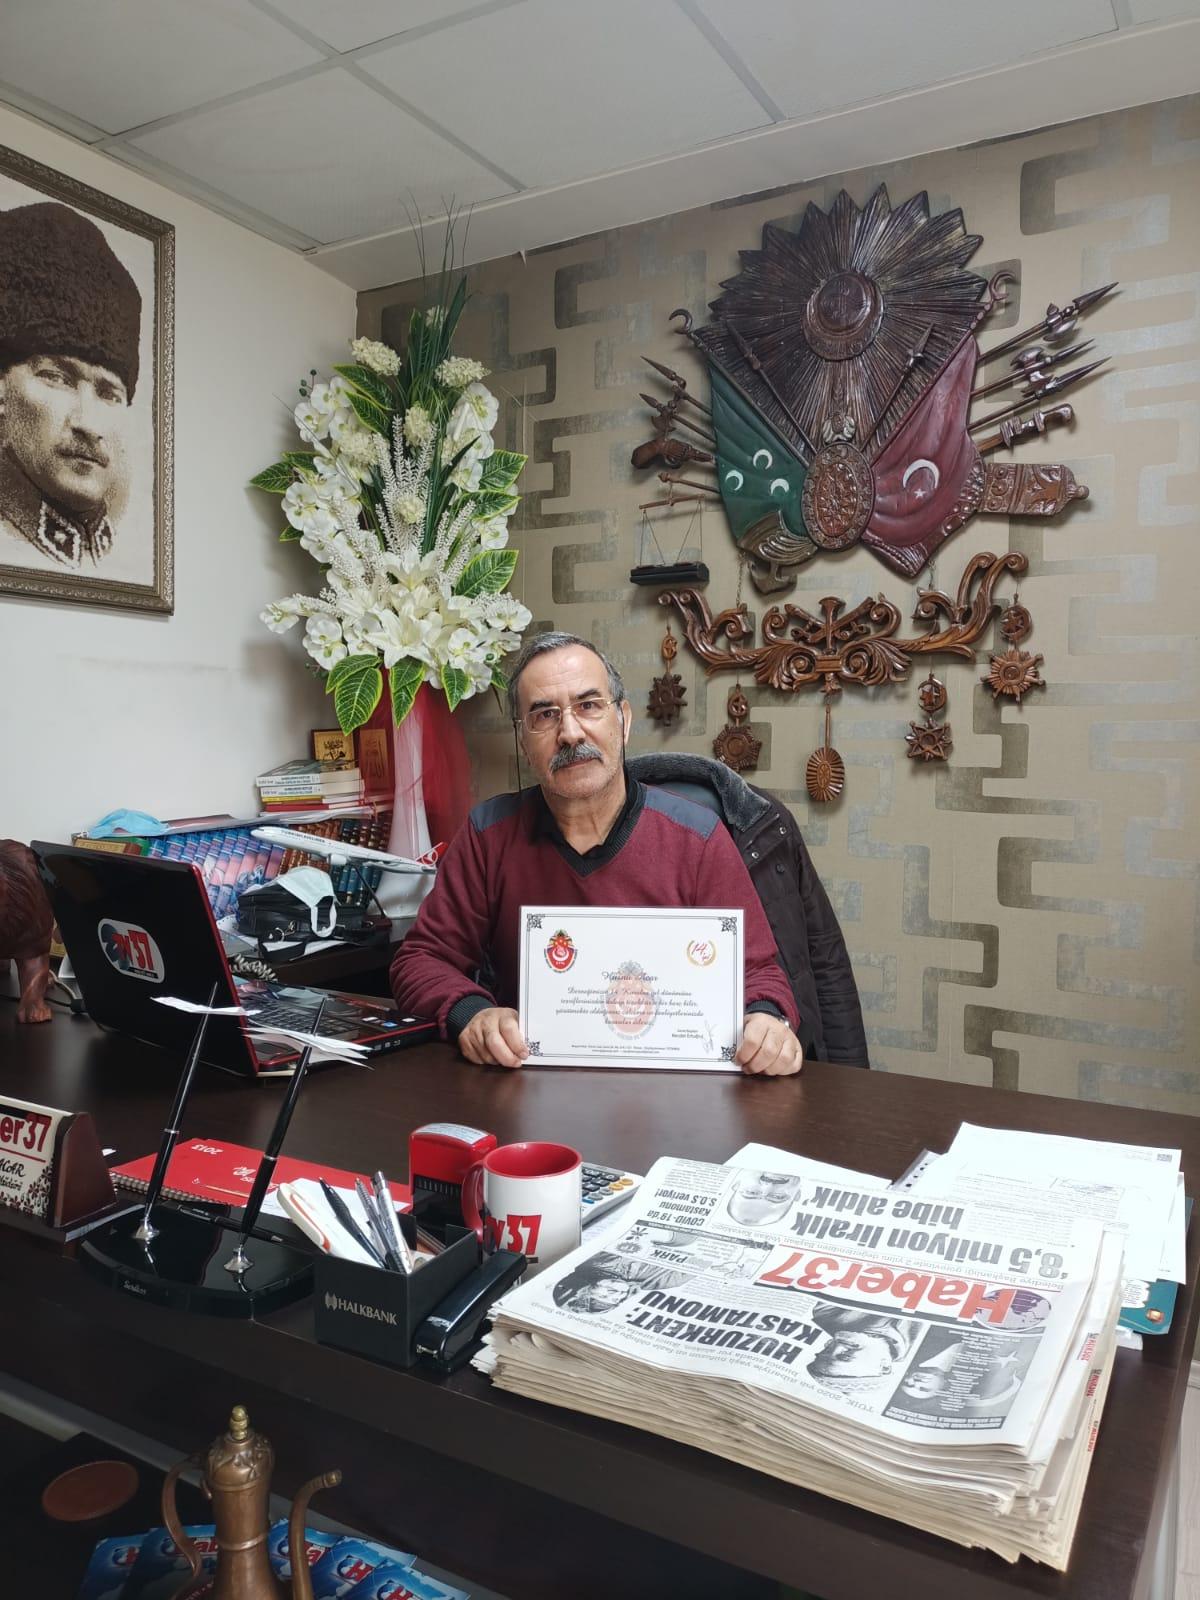 Tosya Haber 37 gazetesinin genel yayın yönetmeni ve sahibi Hüsnü acar.